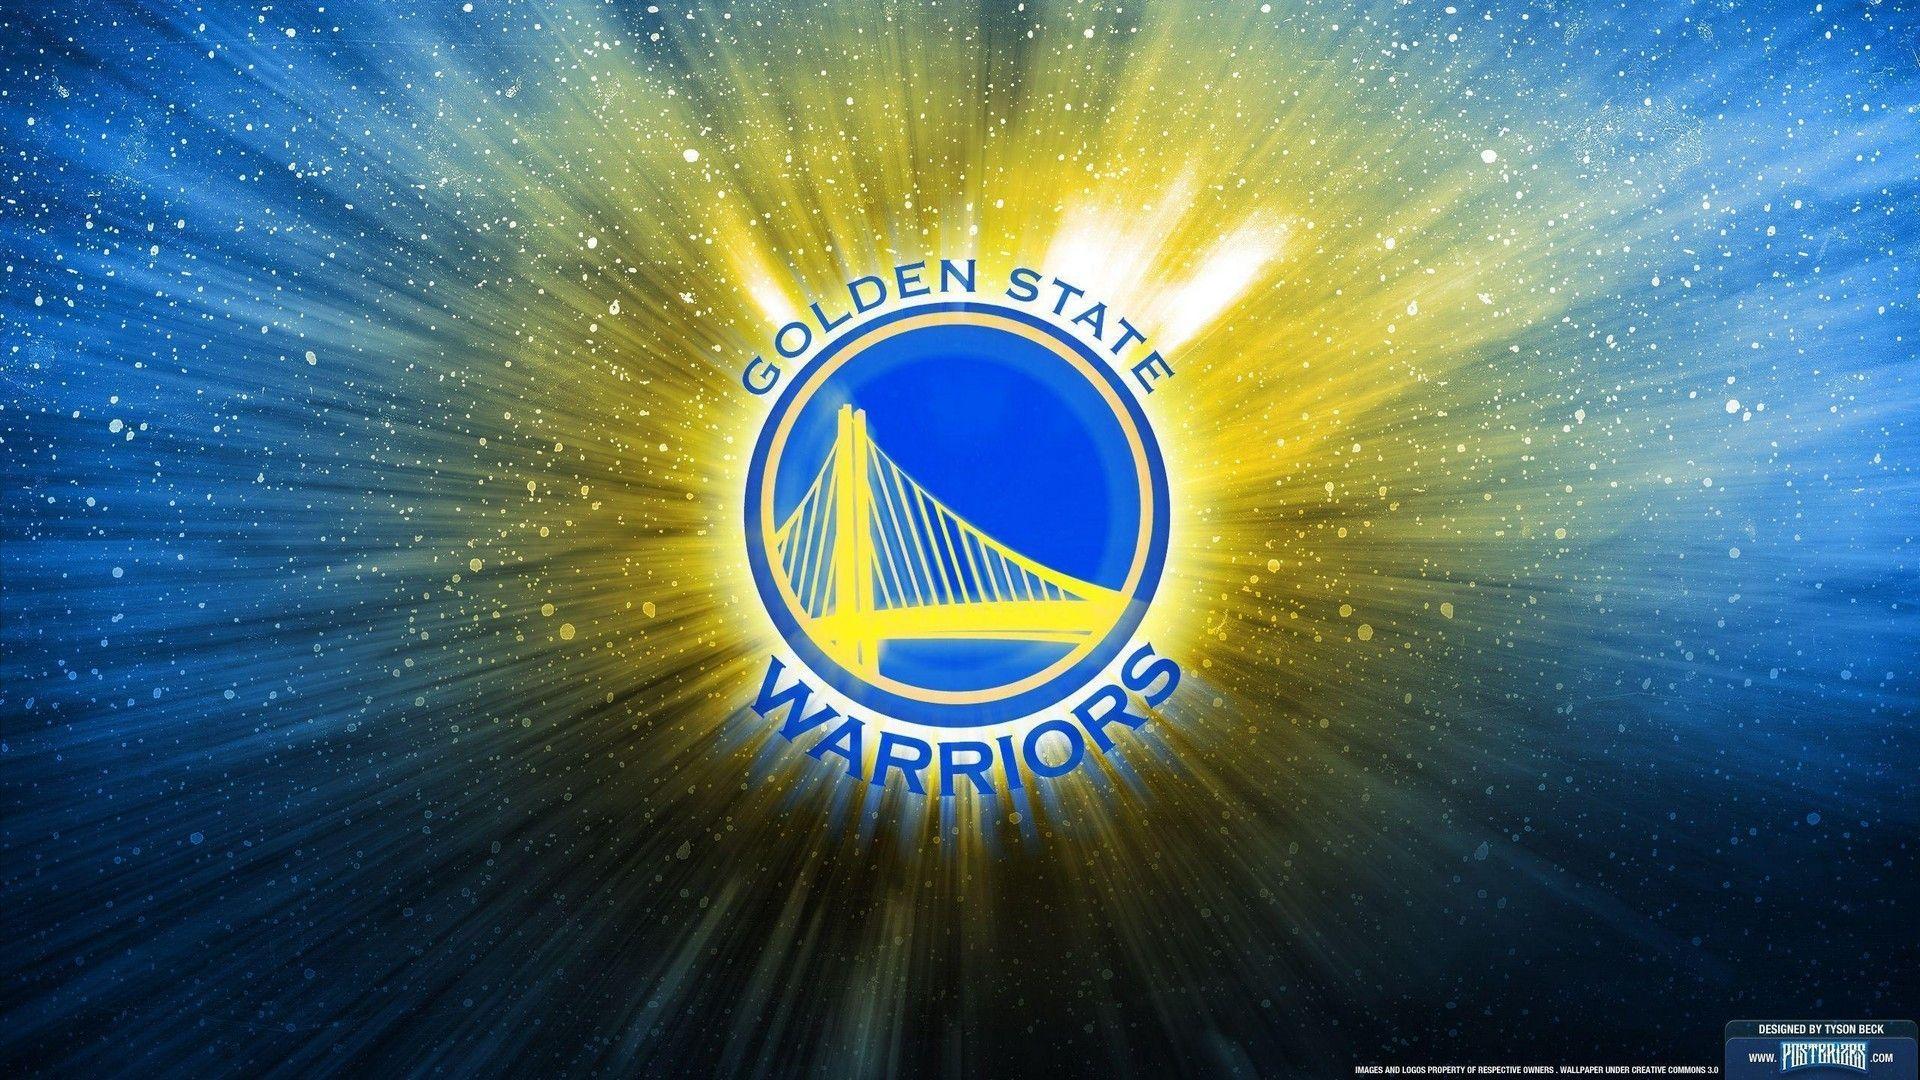 Basketball Wallpaper Best Basketball Wallpapers 2020 Golden State Warriors Wallpaper Golden State Warriors Logo Warriors Wallpaper